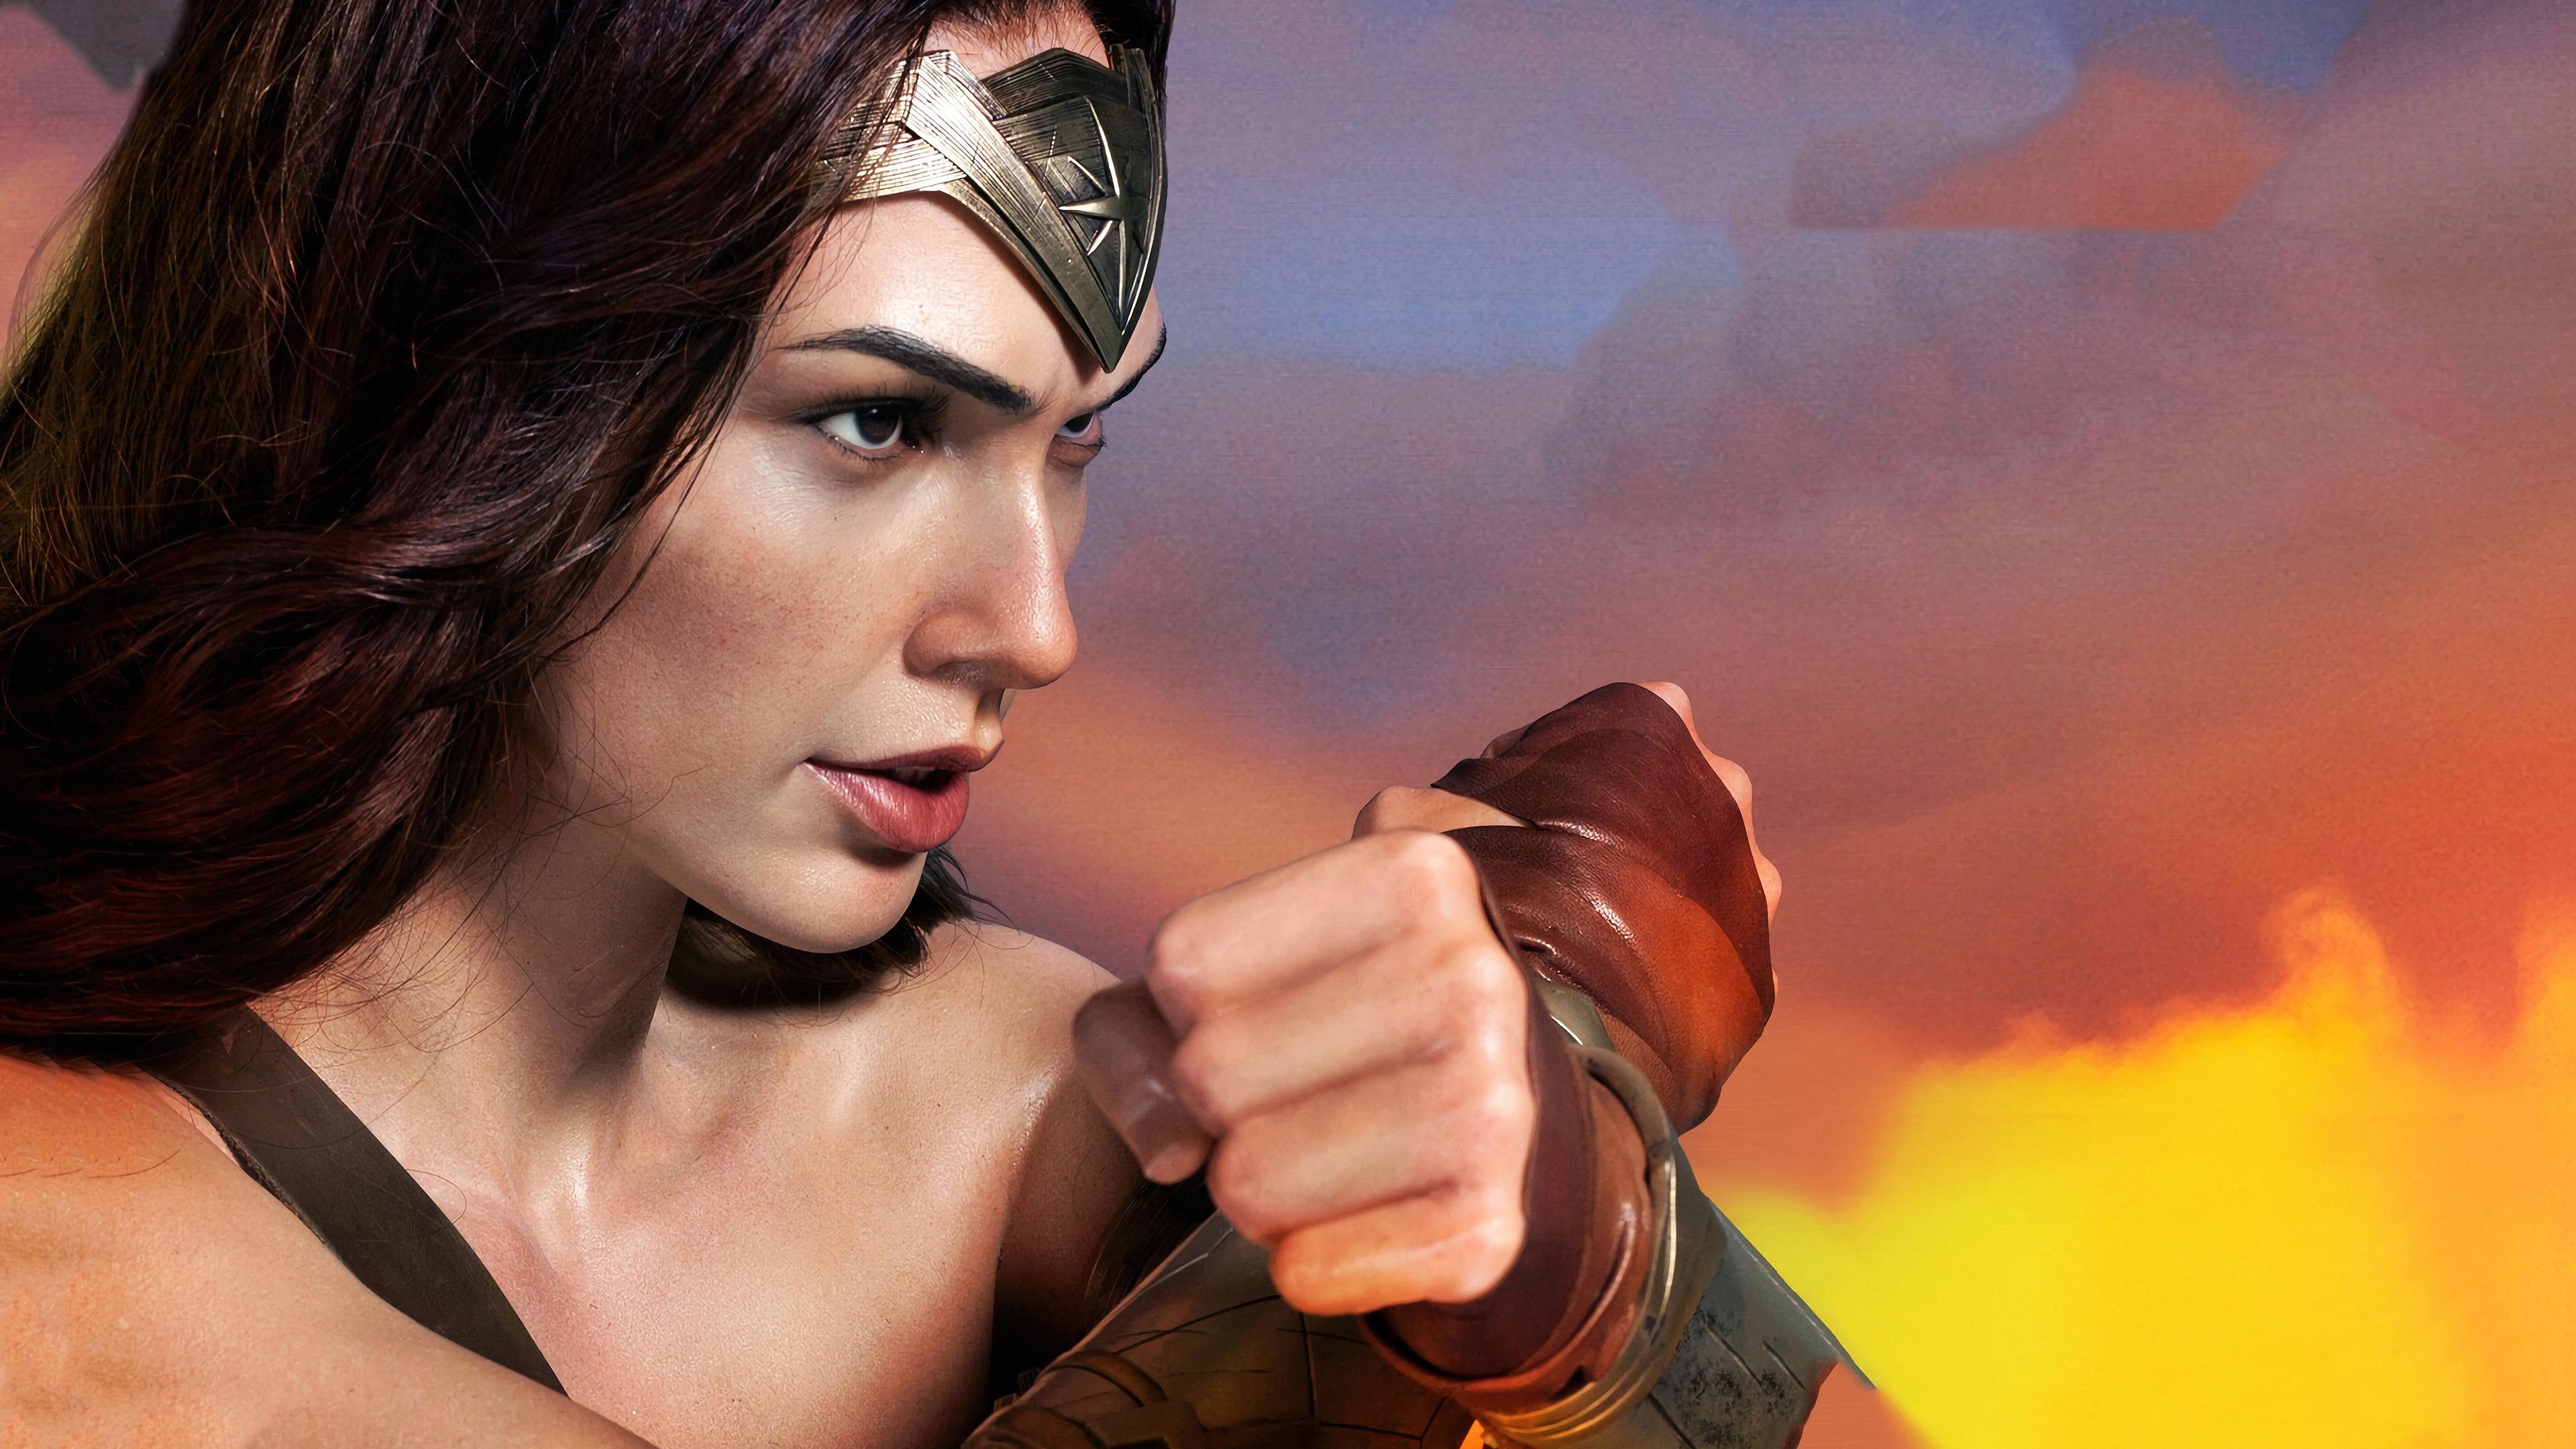 wonder woman 1569186267 - Wonder Woman - wonder woman wallpapers, superheroes wallpapers, hd-wallpapers, digital art wallpapers, artwork wallpapers, artstation wallpapers, 4k-wallpapers